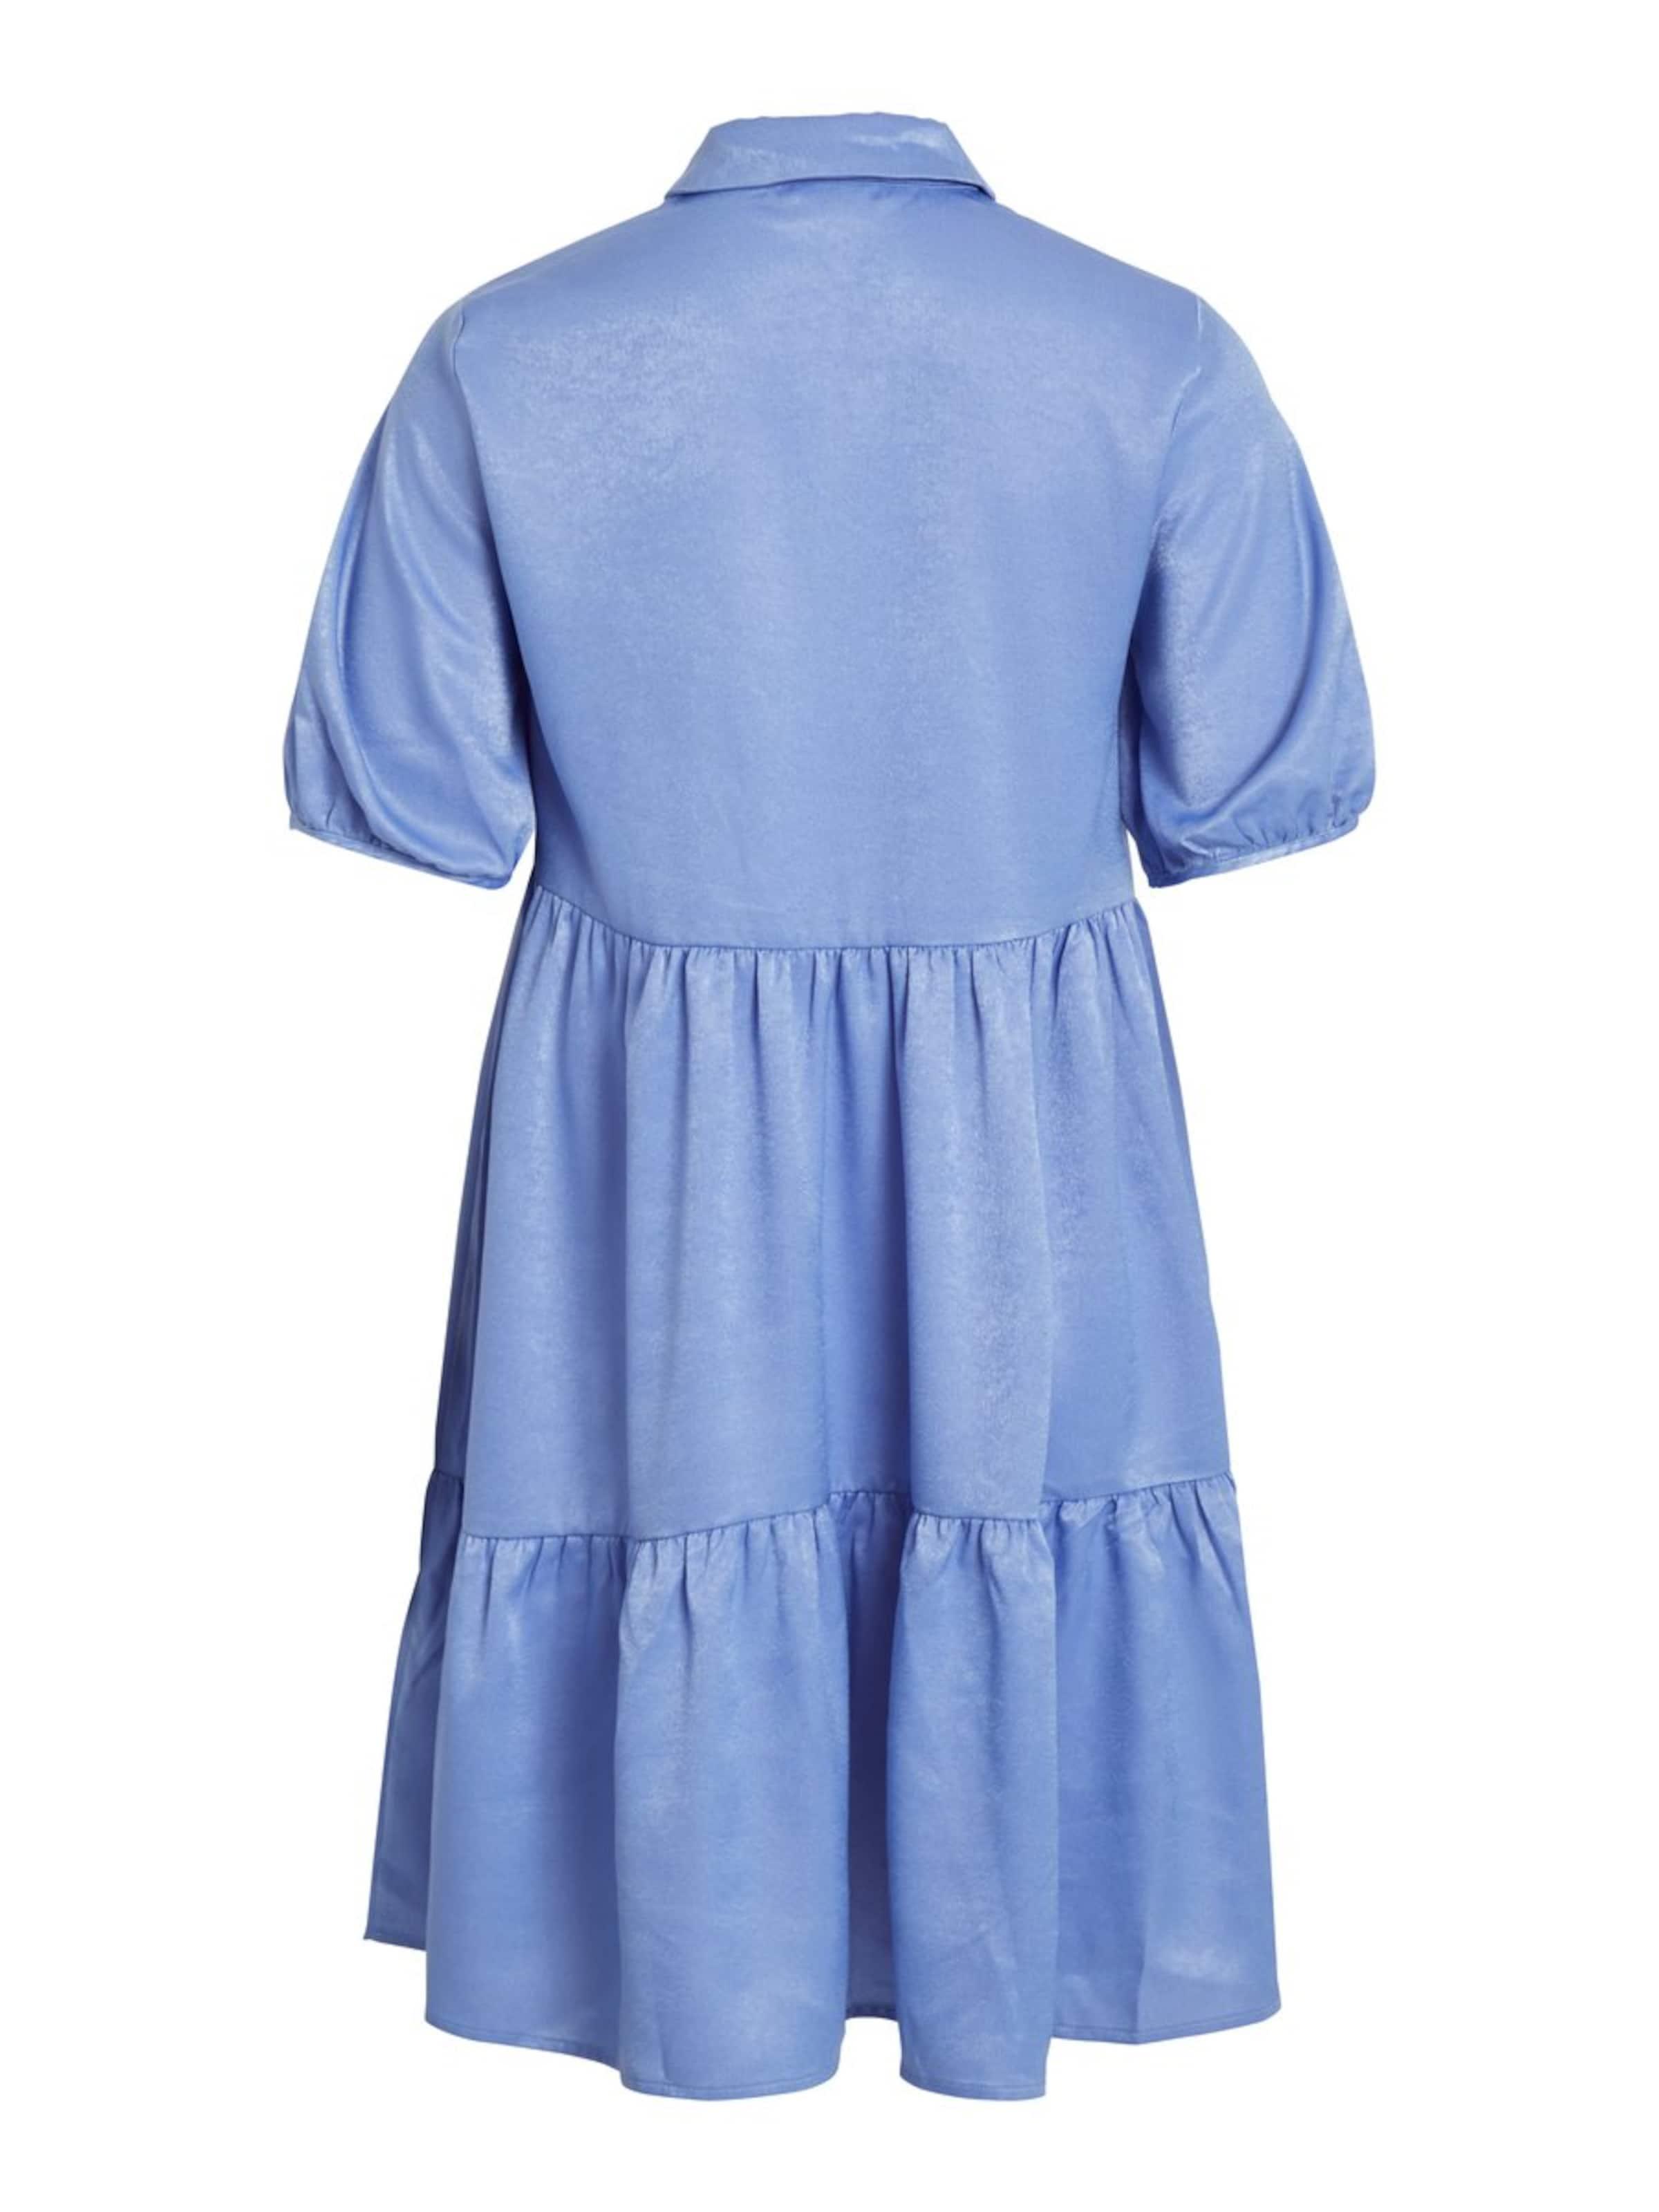 Vila Robe Robe En En Clair Vila Bleu Robe En Bleu Vila Clair 6bY7fgvy